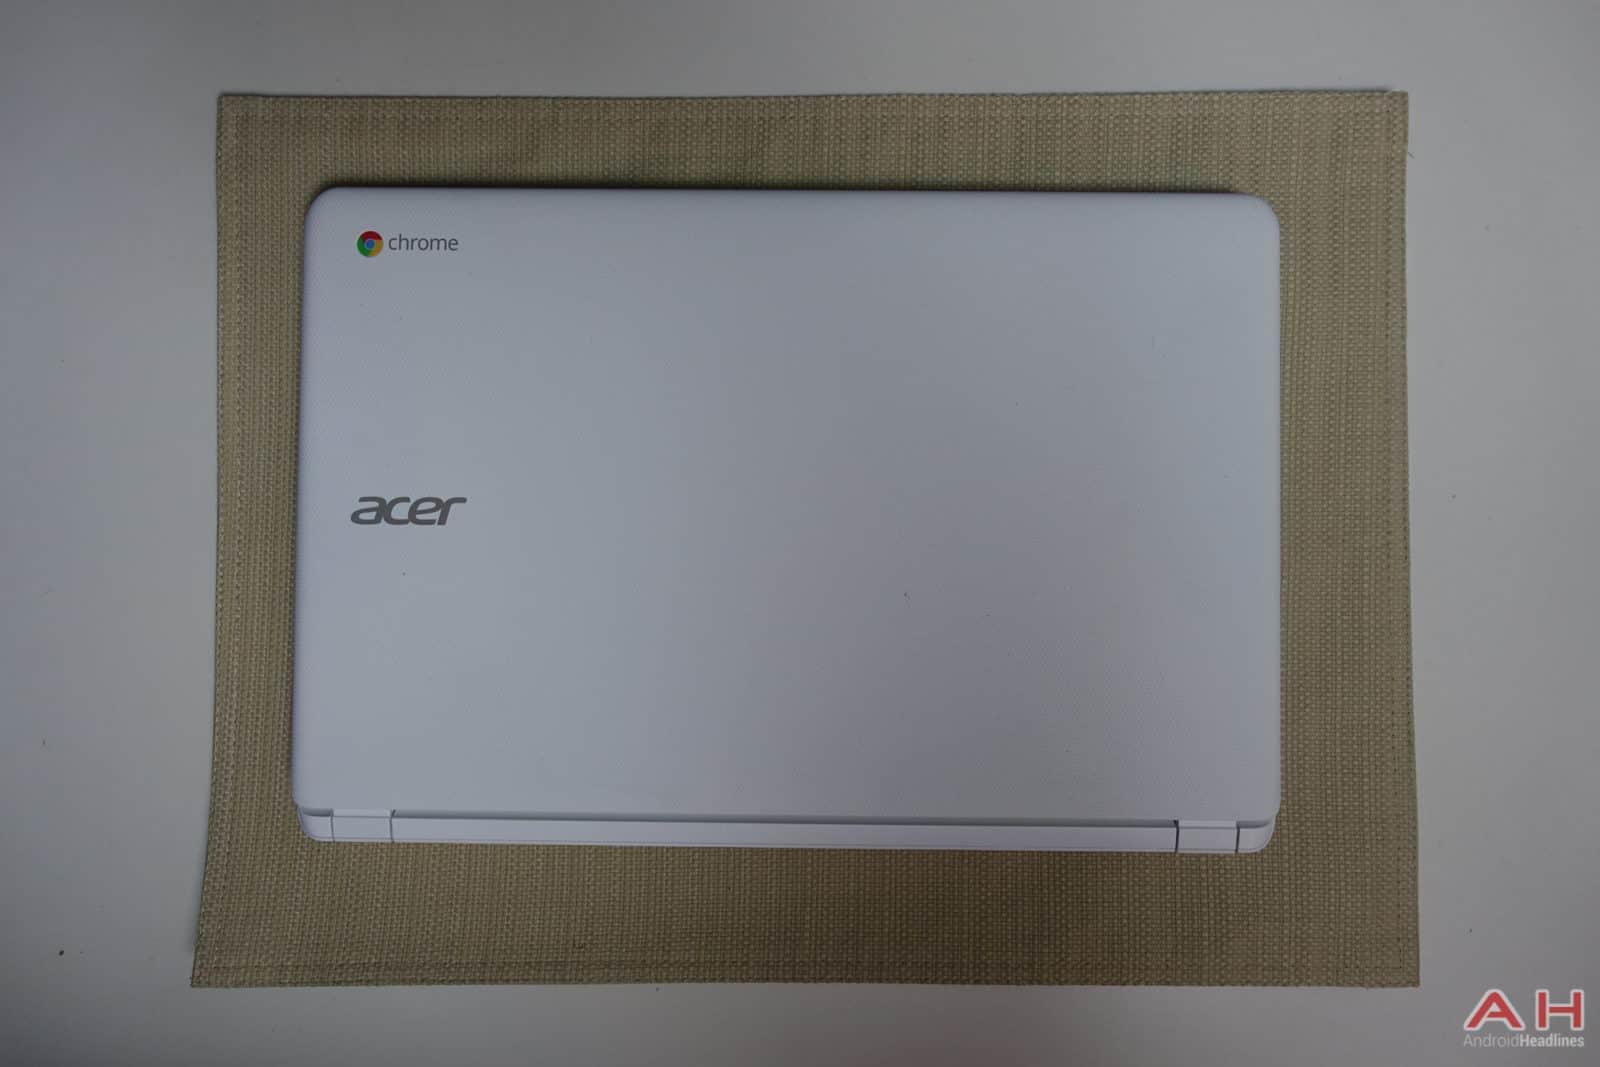 Acer-Chromebook-15-AH-4